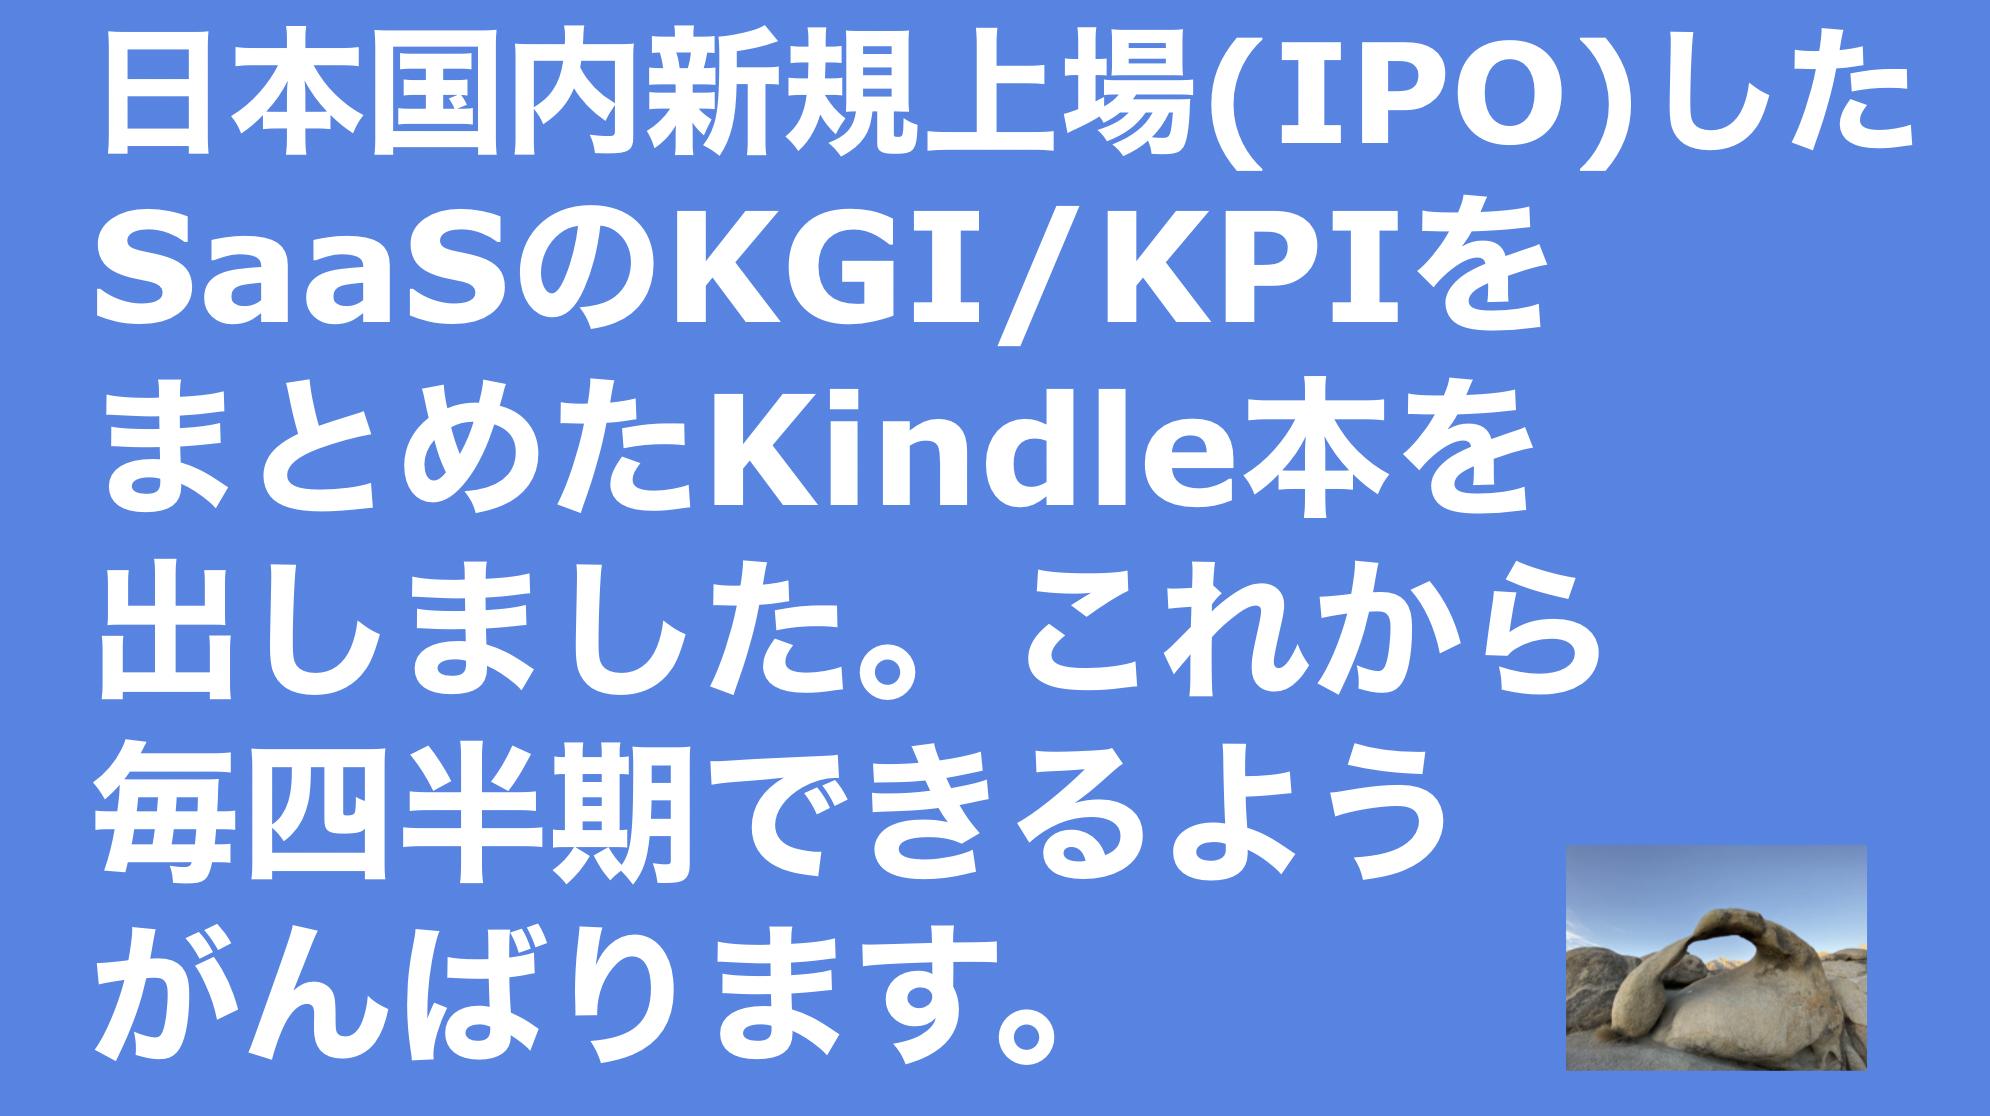 saaslife_日本国内新規上場(IPO)したSaaSのKGI/KPIをまとめたKindle本を出しました。これから毎四半期できるようがんばります.。